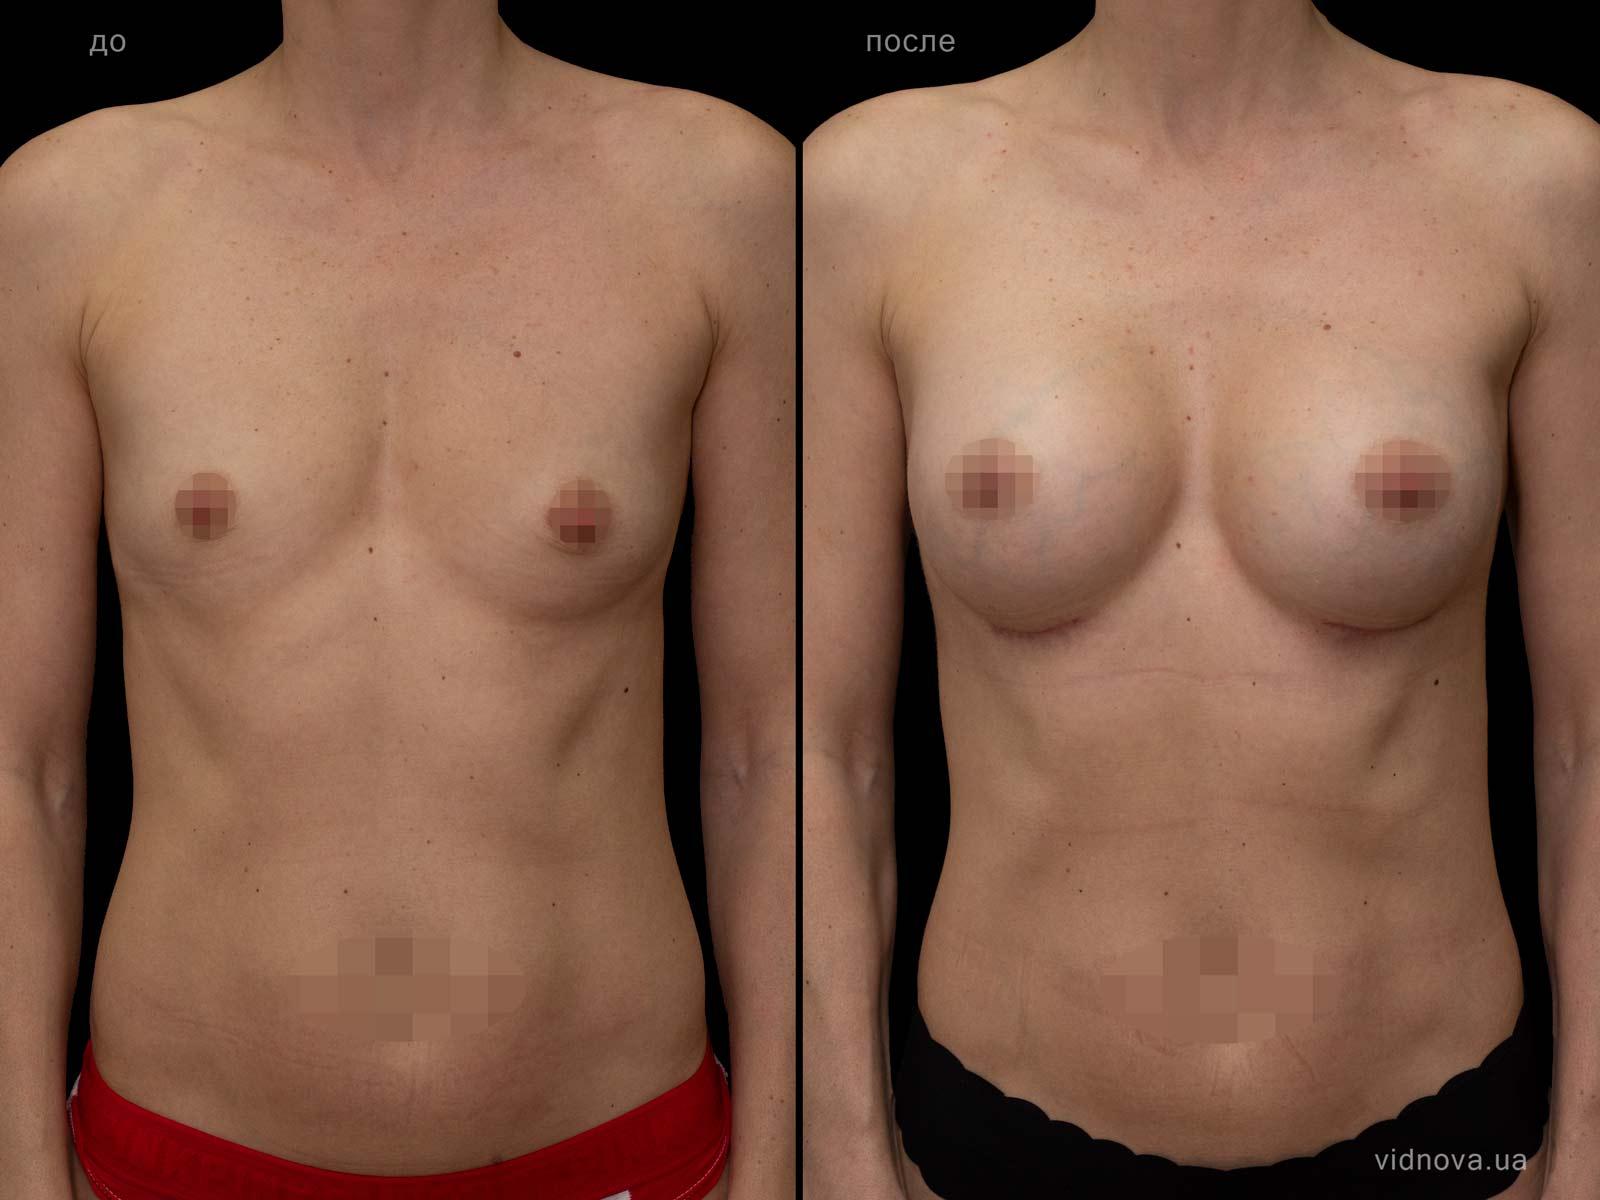 Пластика груди: результаты до и после - Пример №81-0 - Светлана Работенко